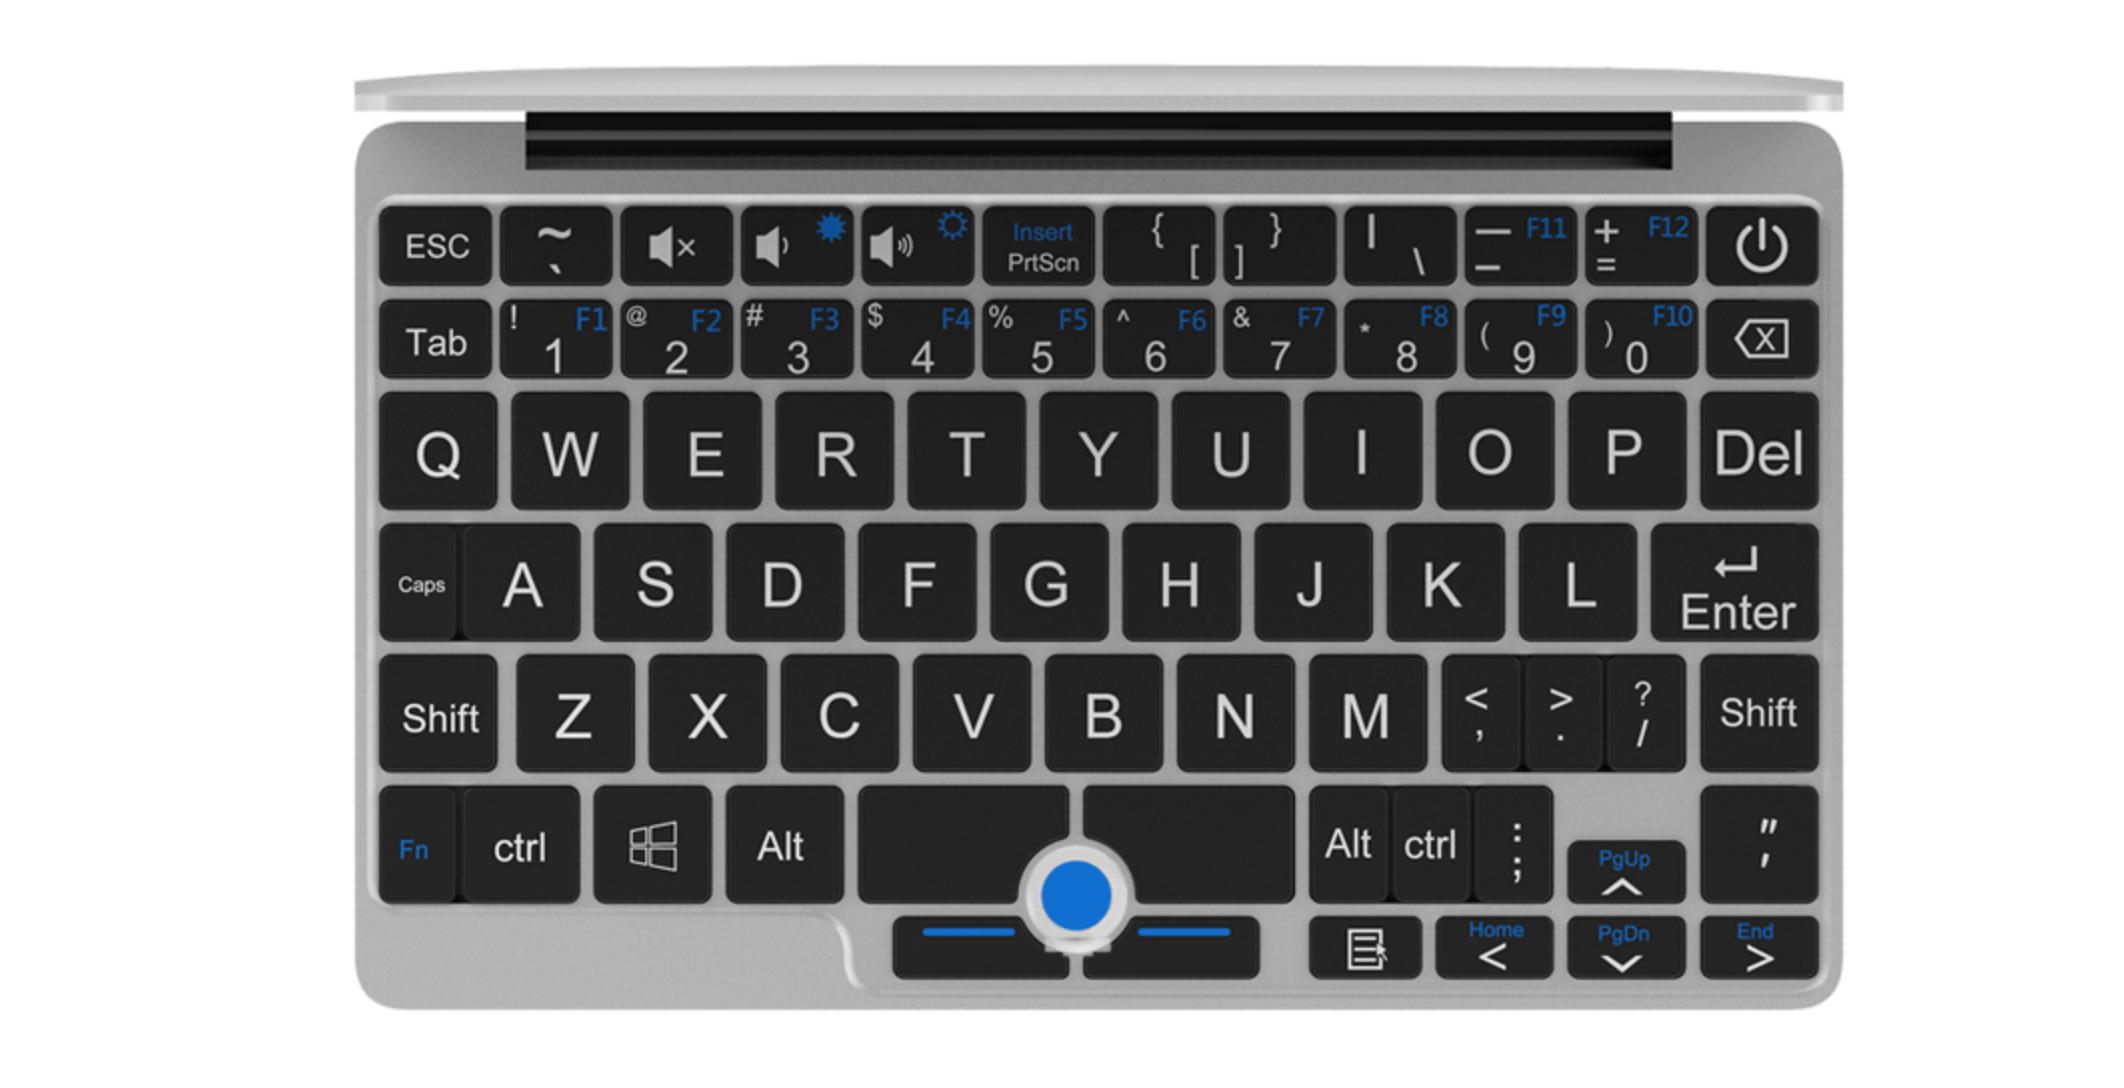 """Обзор миниатюрного 7"""" ноутбук GPD Pocket. Рабочее место сисадмина-программиста в кармане куртки - 13"""